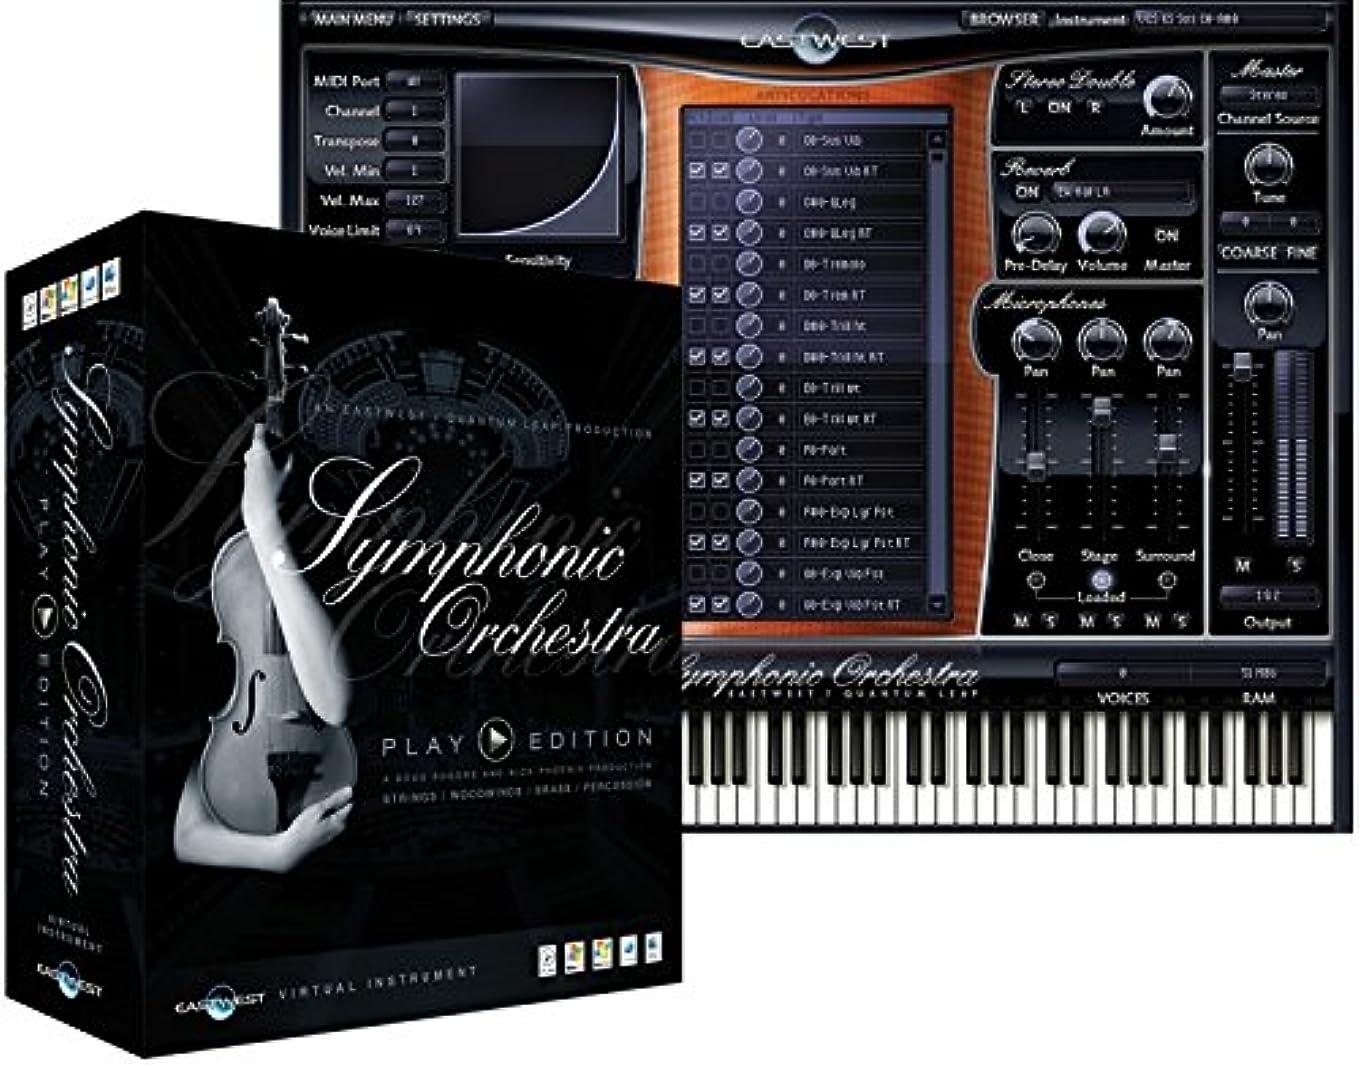 中断懐疑論不満East West Symphonic Orchestra Platinum Plus Mac(EW177M) オーケストラ音源コ レクション マックフォーマットHDD